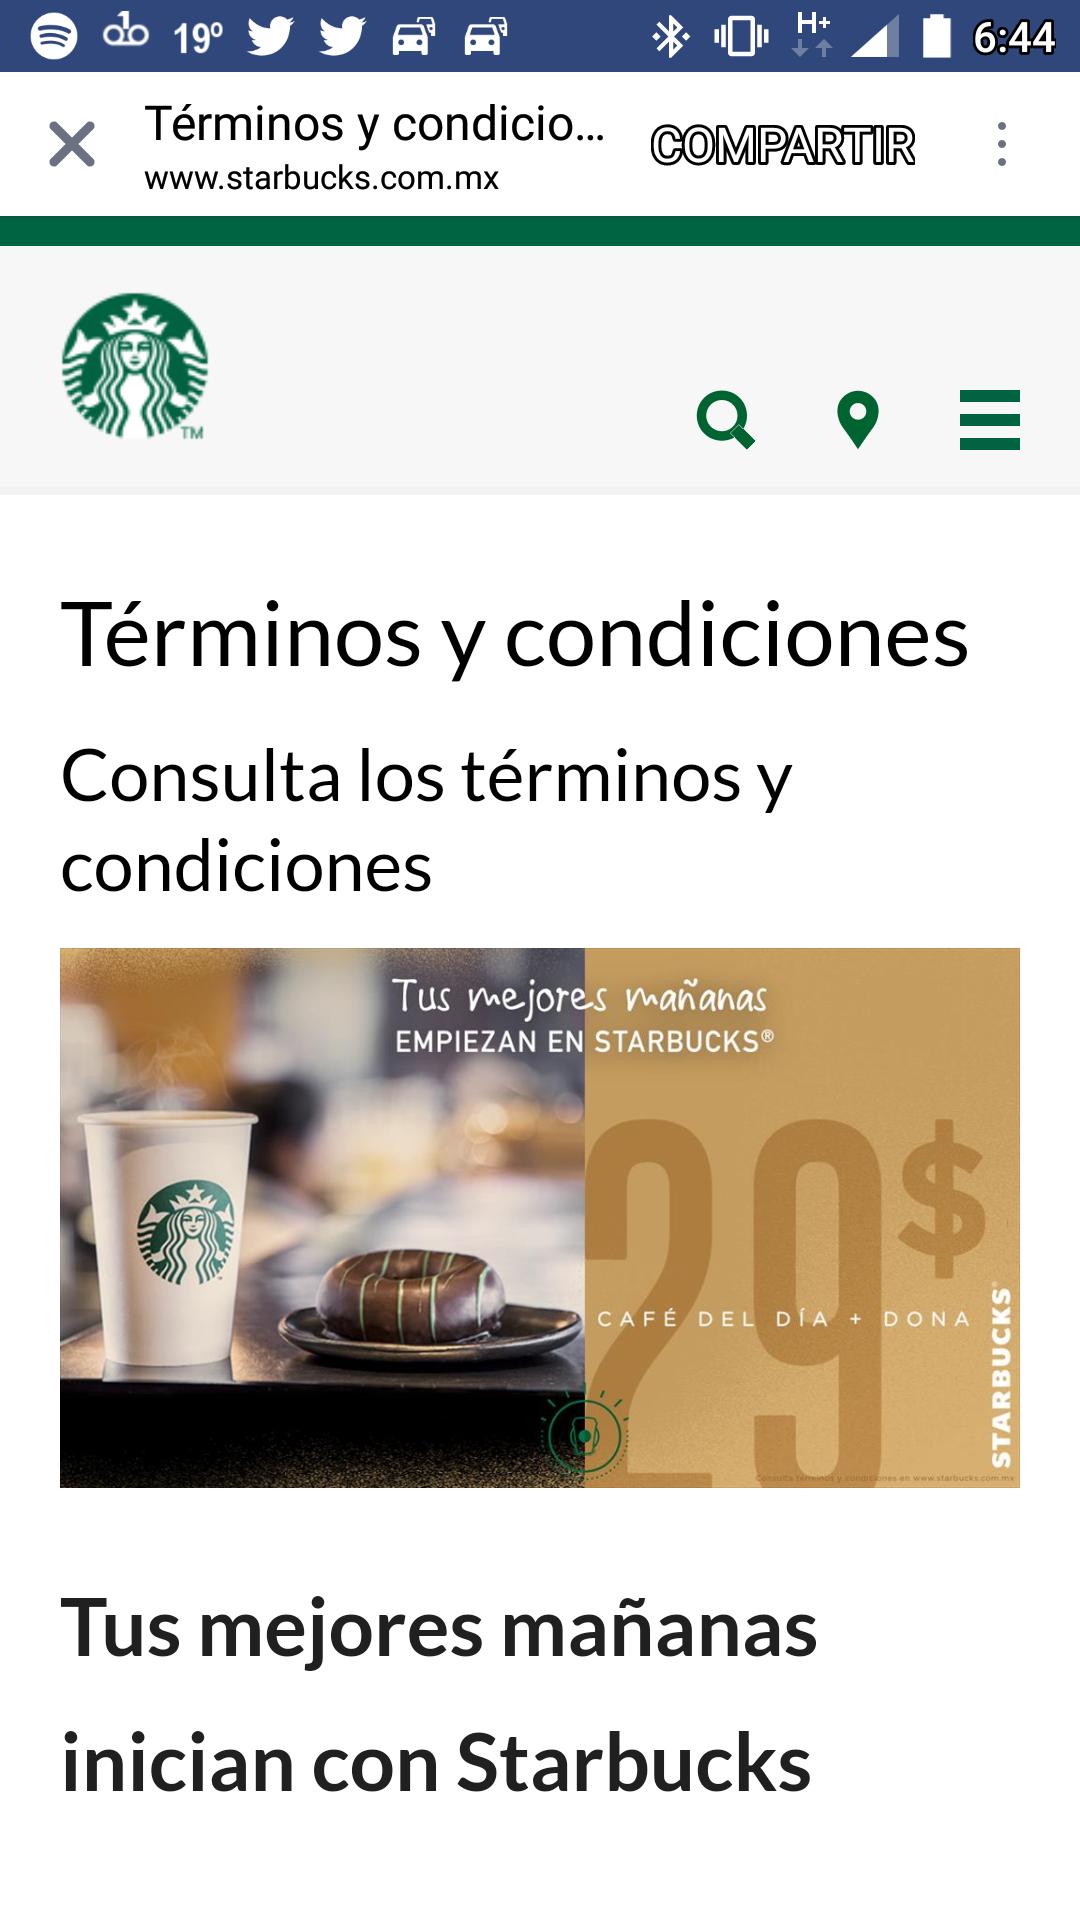 Starbucks: Dona más café por $29 pesitos